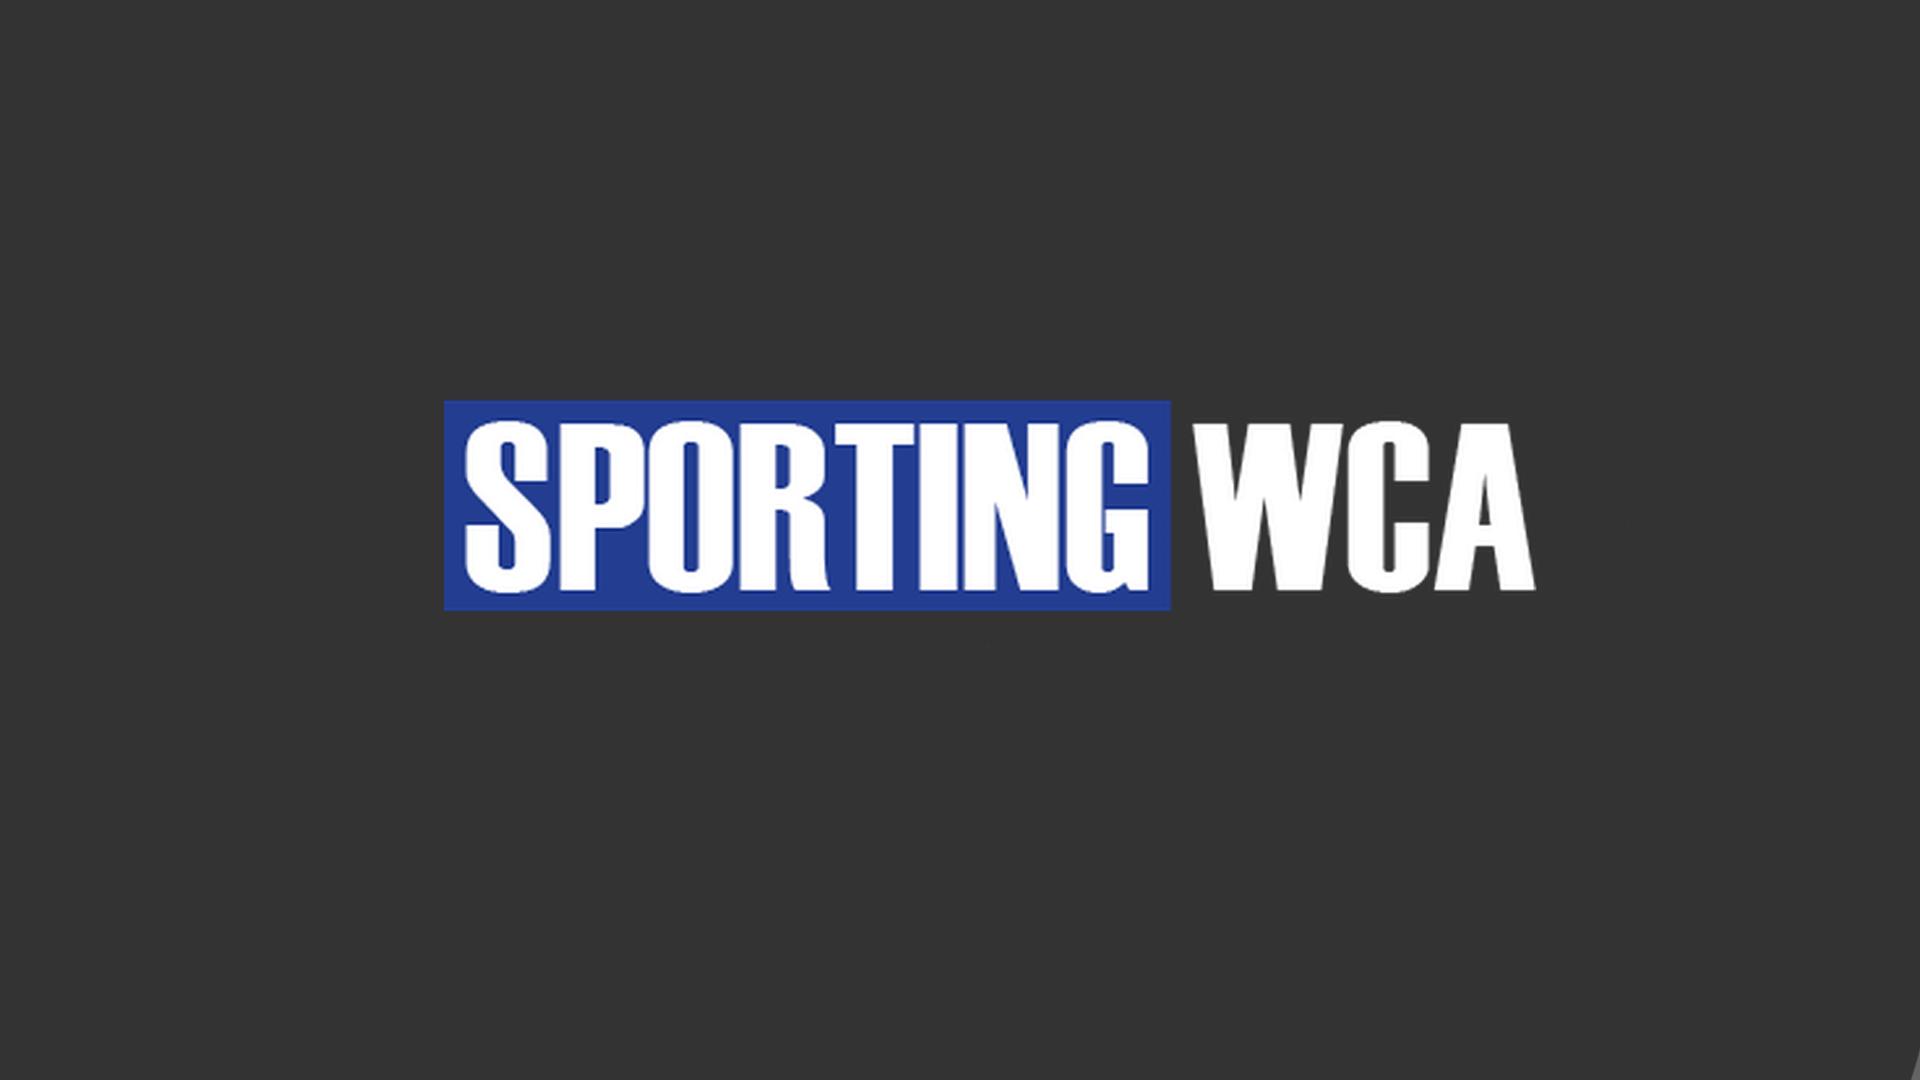 SportingWCA1920